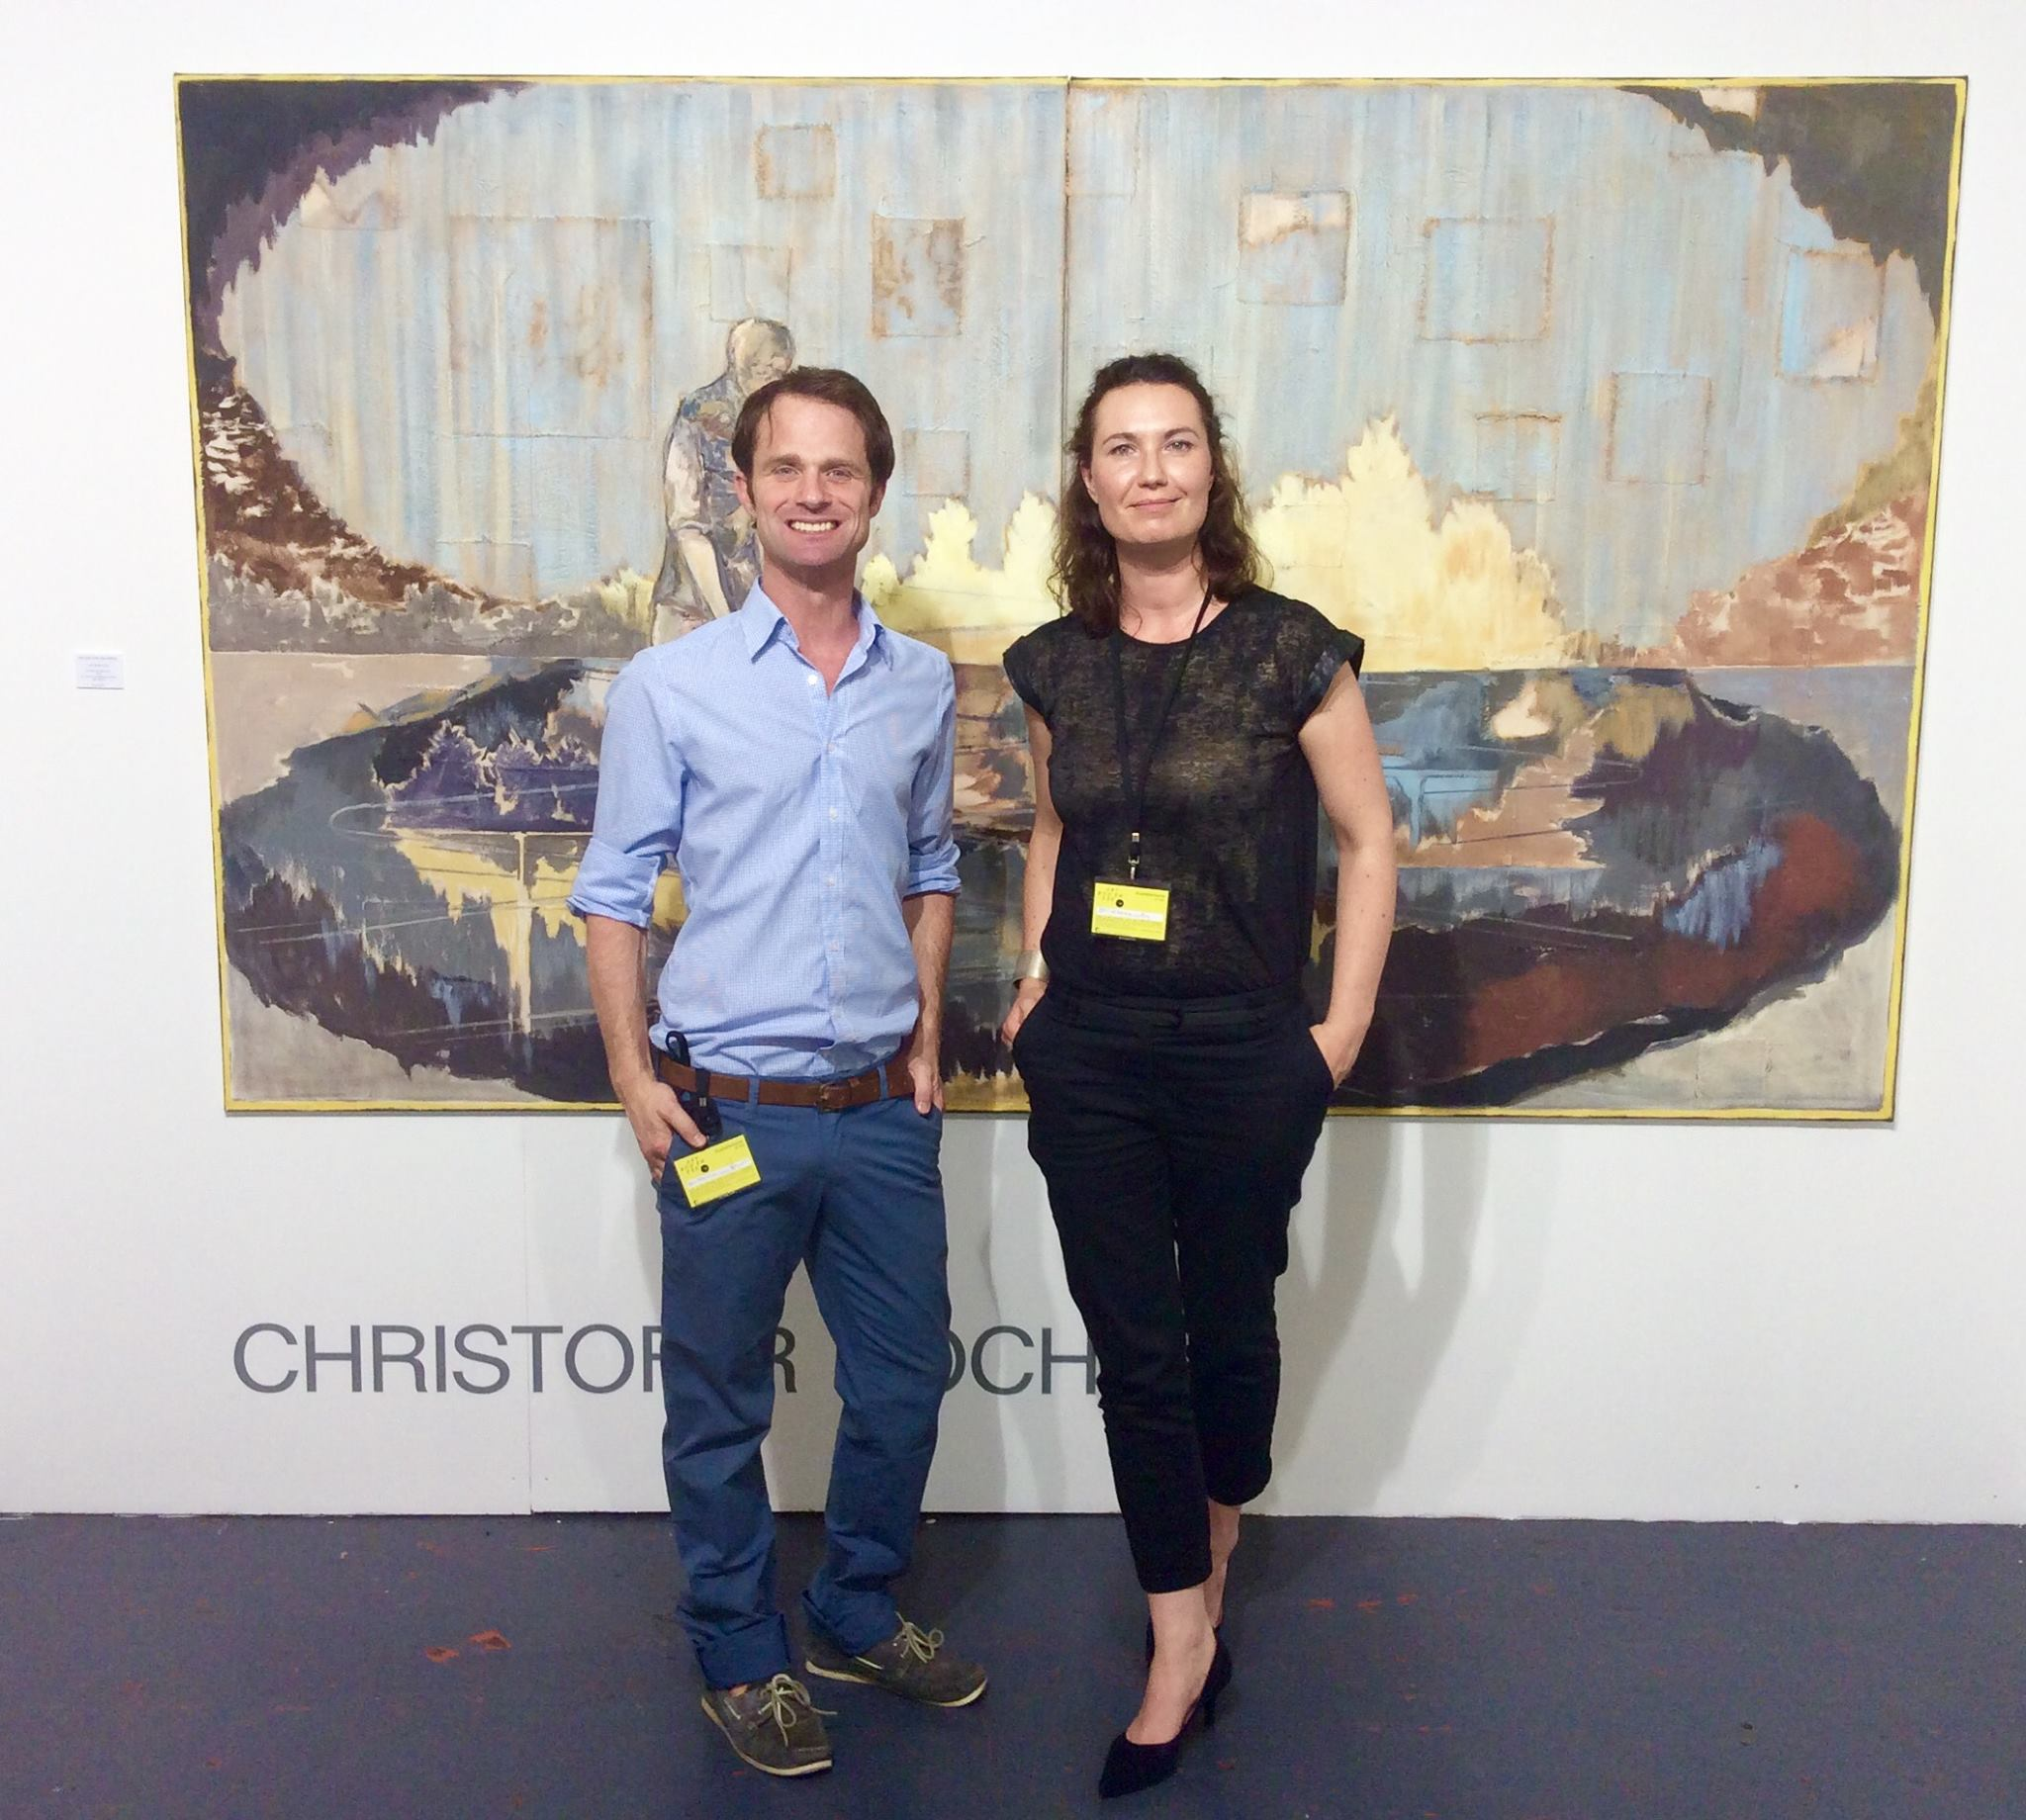 Ein äußerst engagierter und lieber Galerist.Tristan Lorenz, von der Galerie Tristan Lorenz Frankfurt amMain. Eine super Galerie.